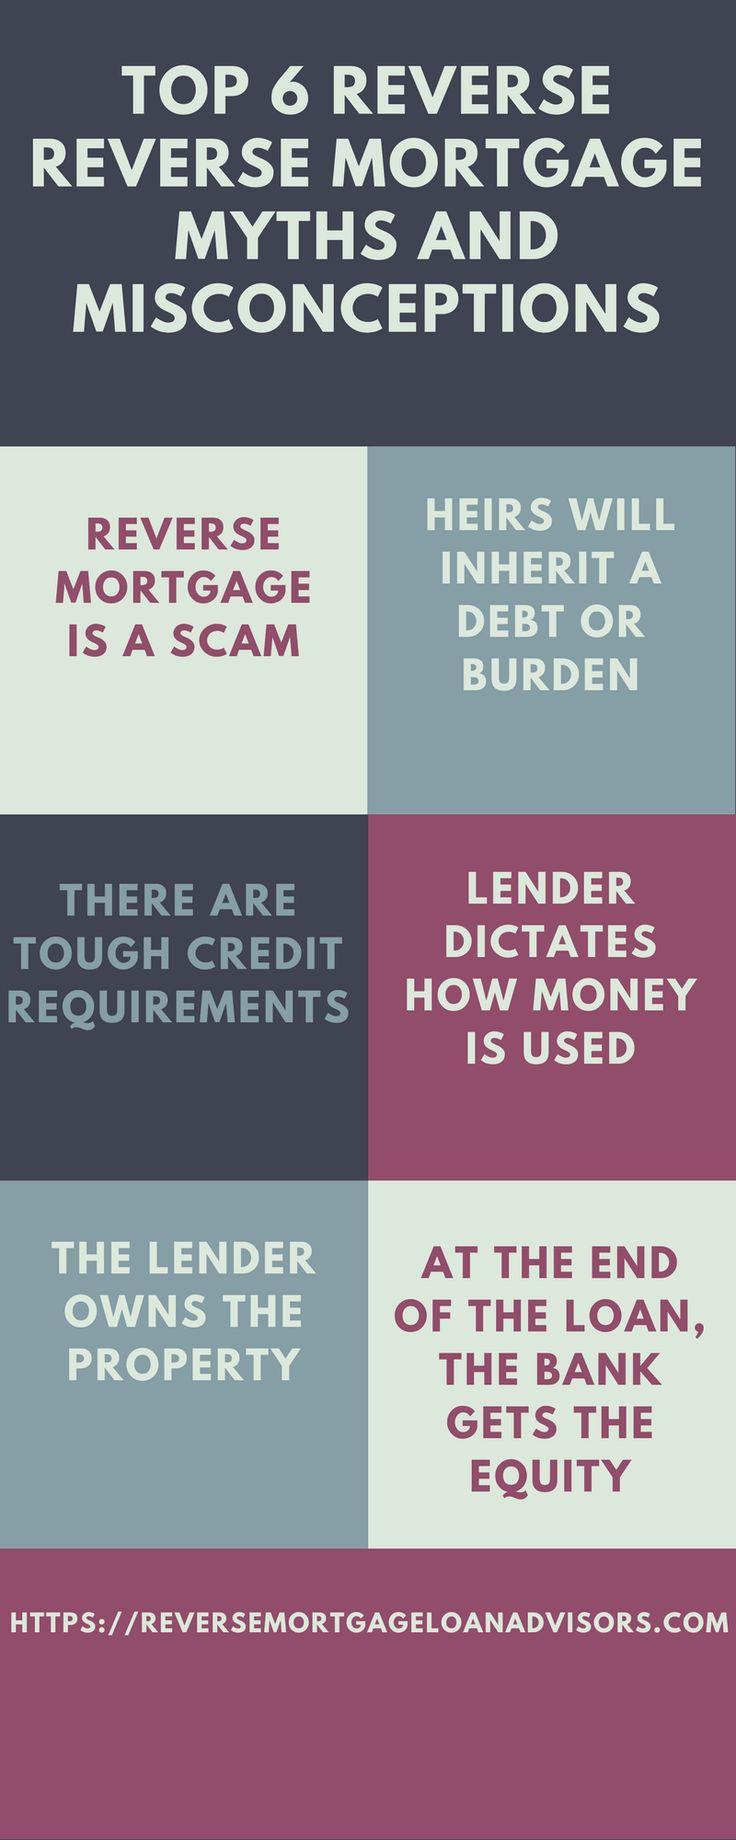 #misconceptions #misconceptions #misconceptions #mortgages #mortgage